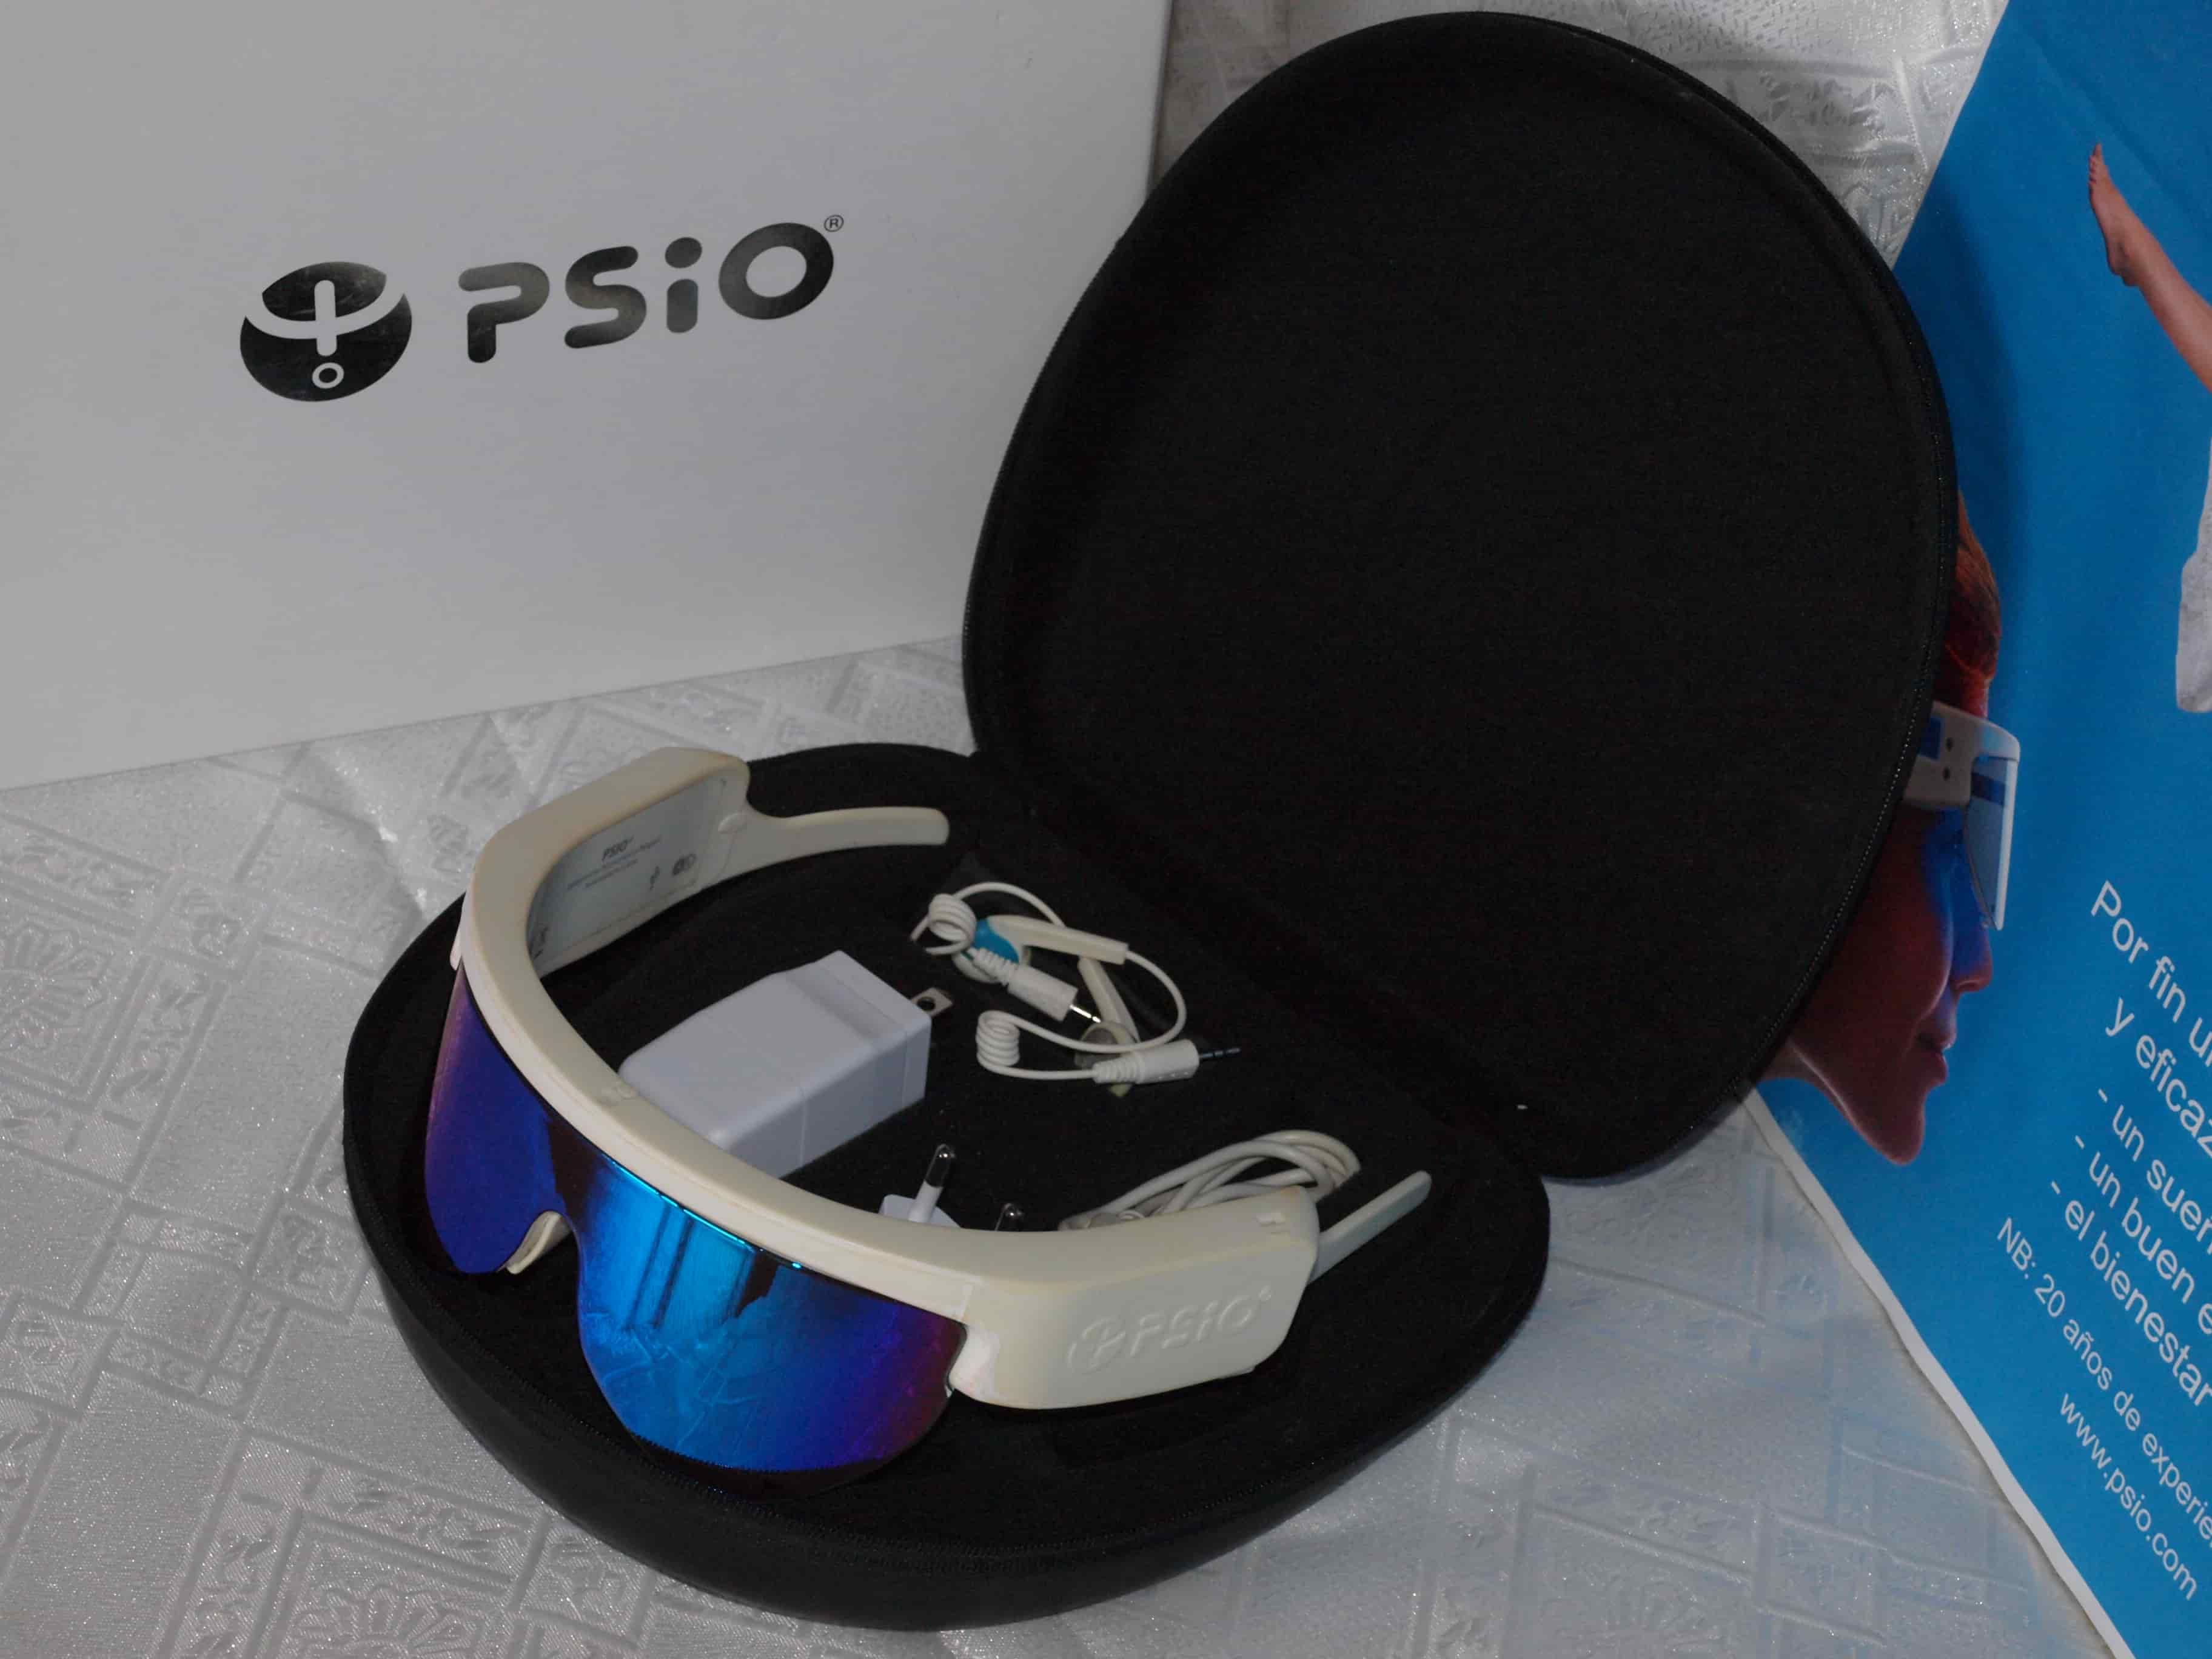 gafas de luminoterapia PSiO - gafas de luz azul